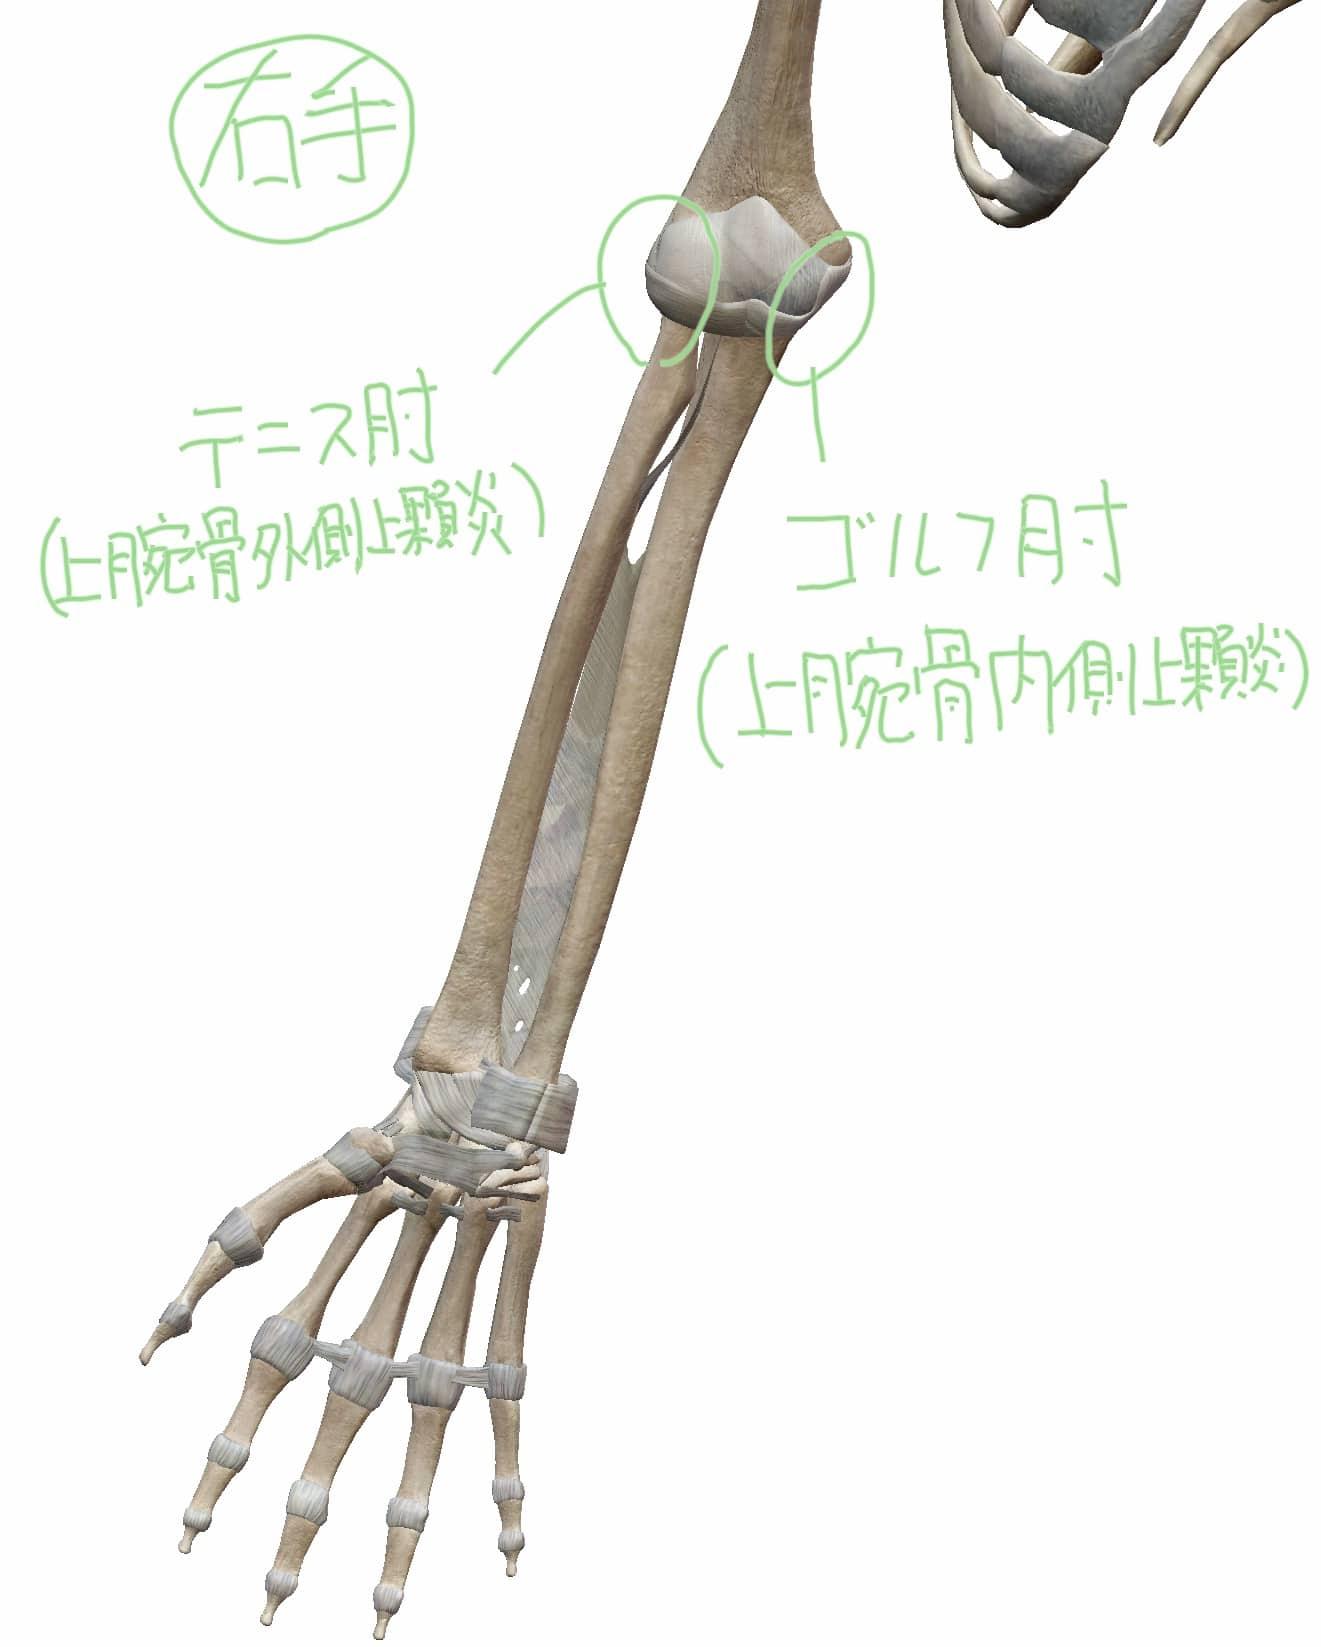 ゴルフ肘(上腕骨内側上顆炎)・テニス肘(上腕骨外側上顆炎)の位置関係の図